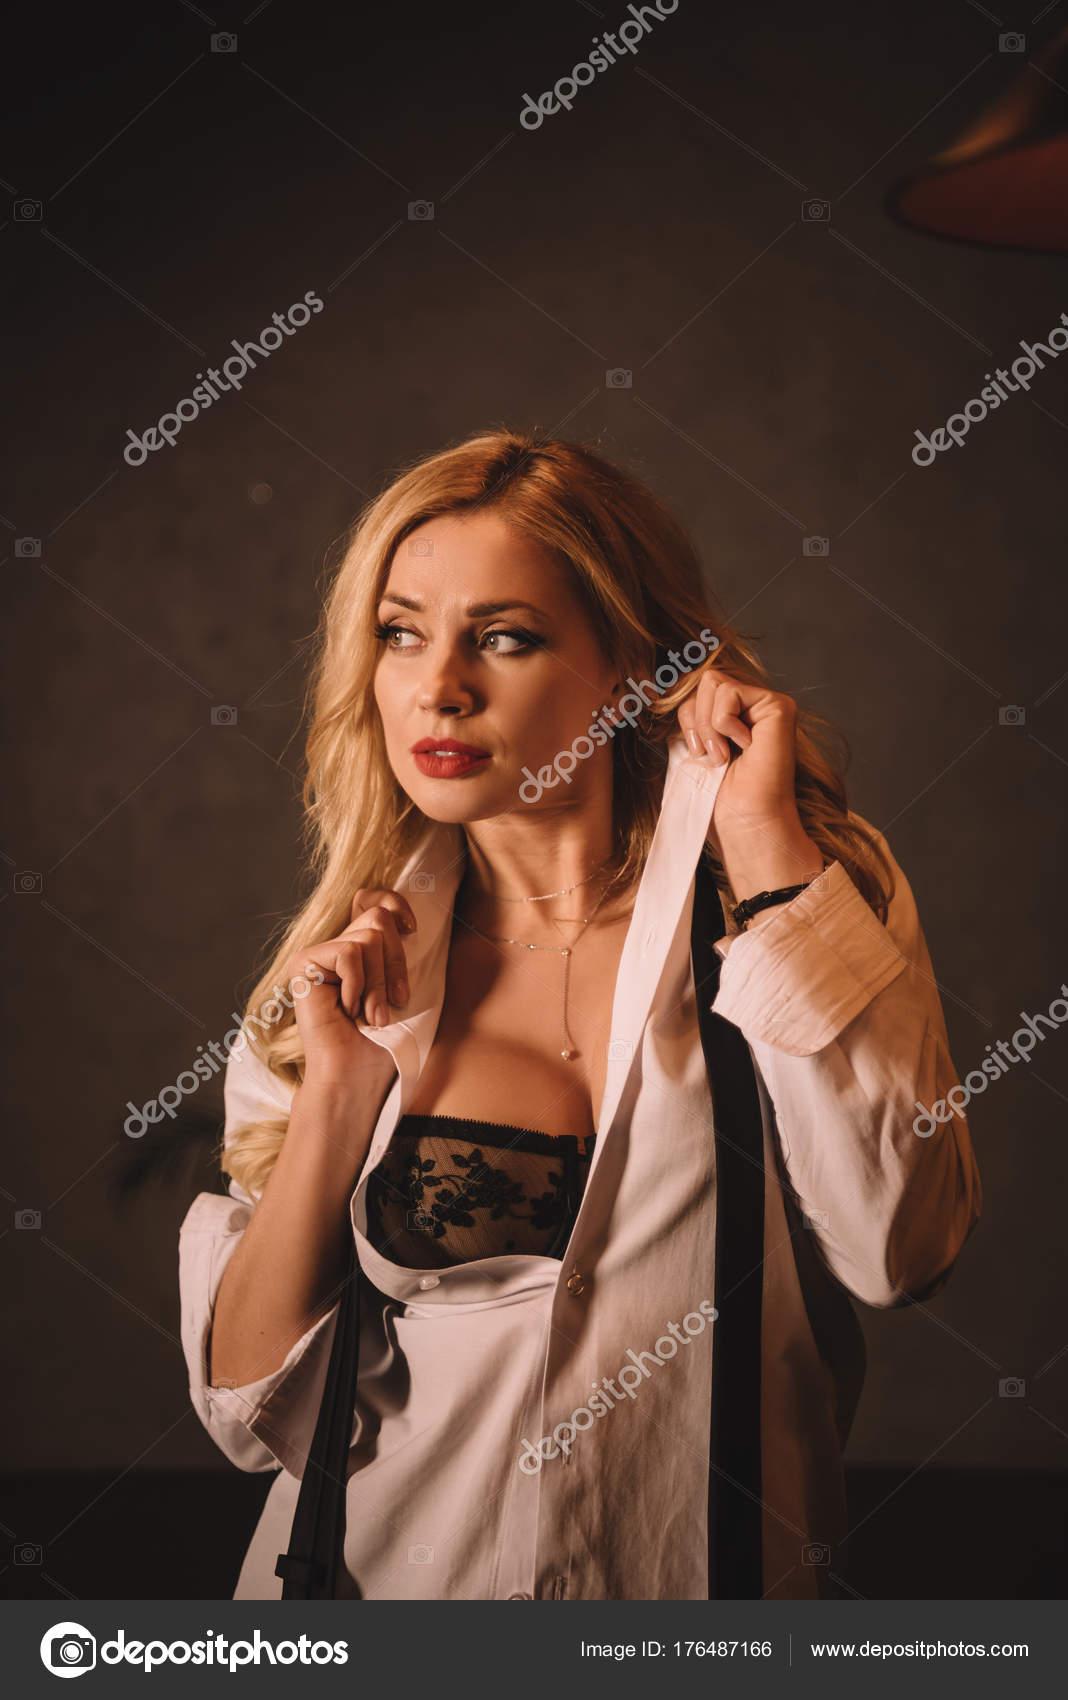 recherche femme sexy